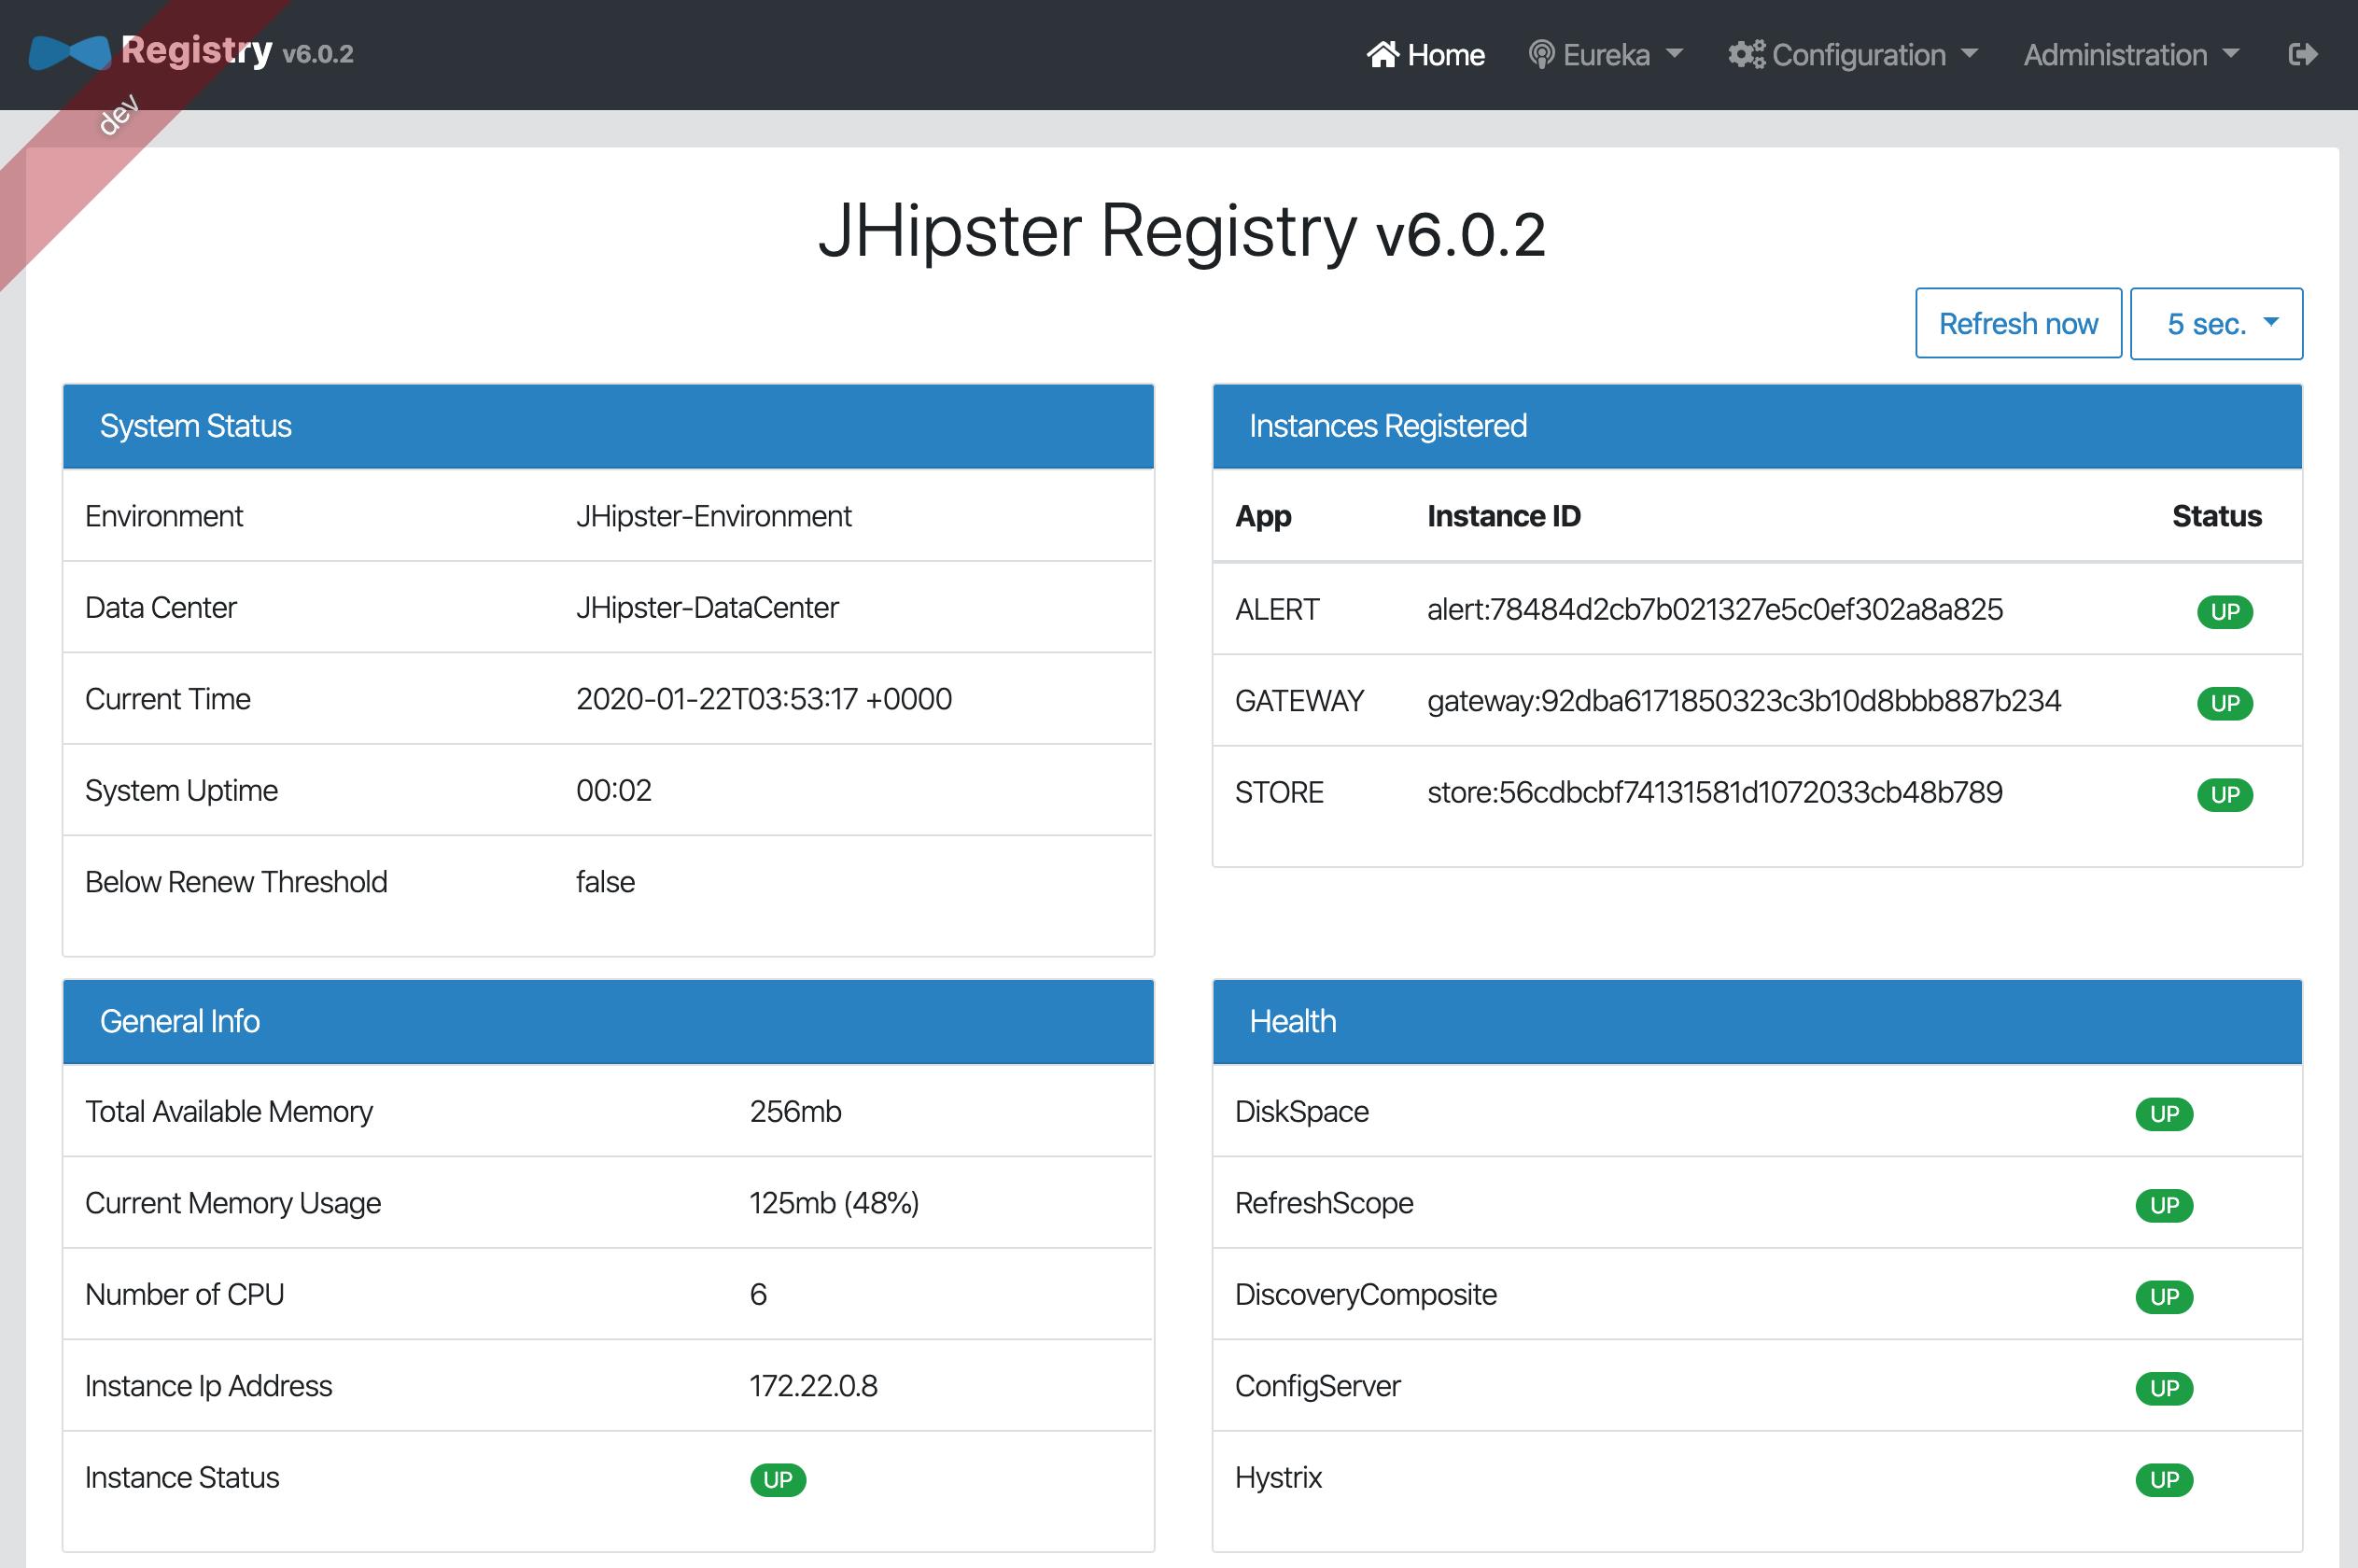 JHipster Registry